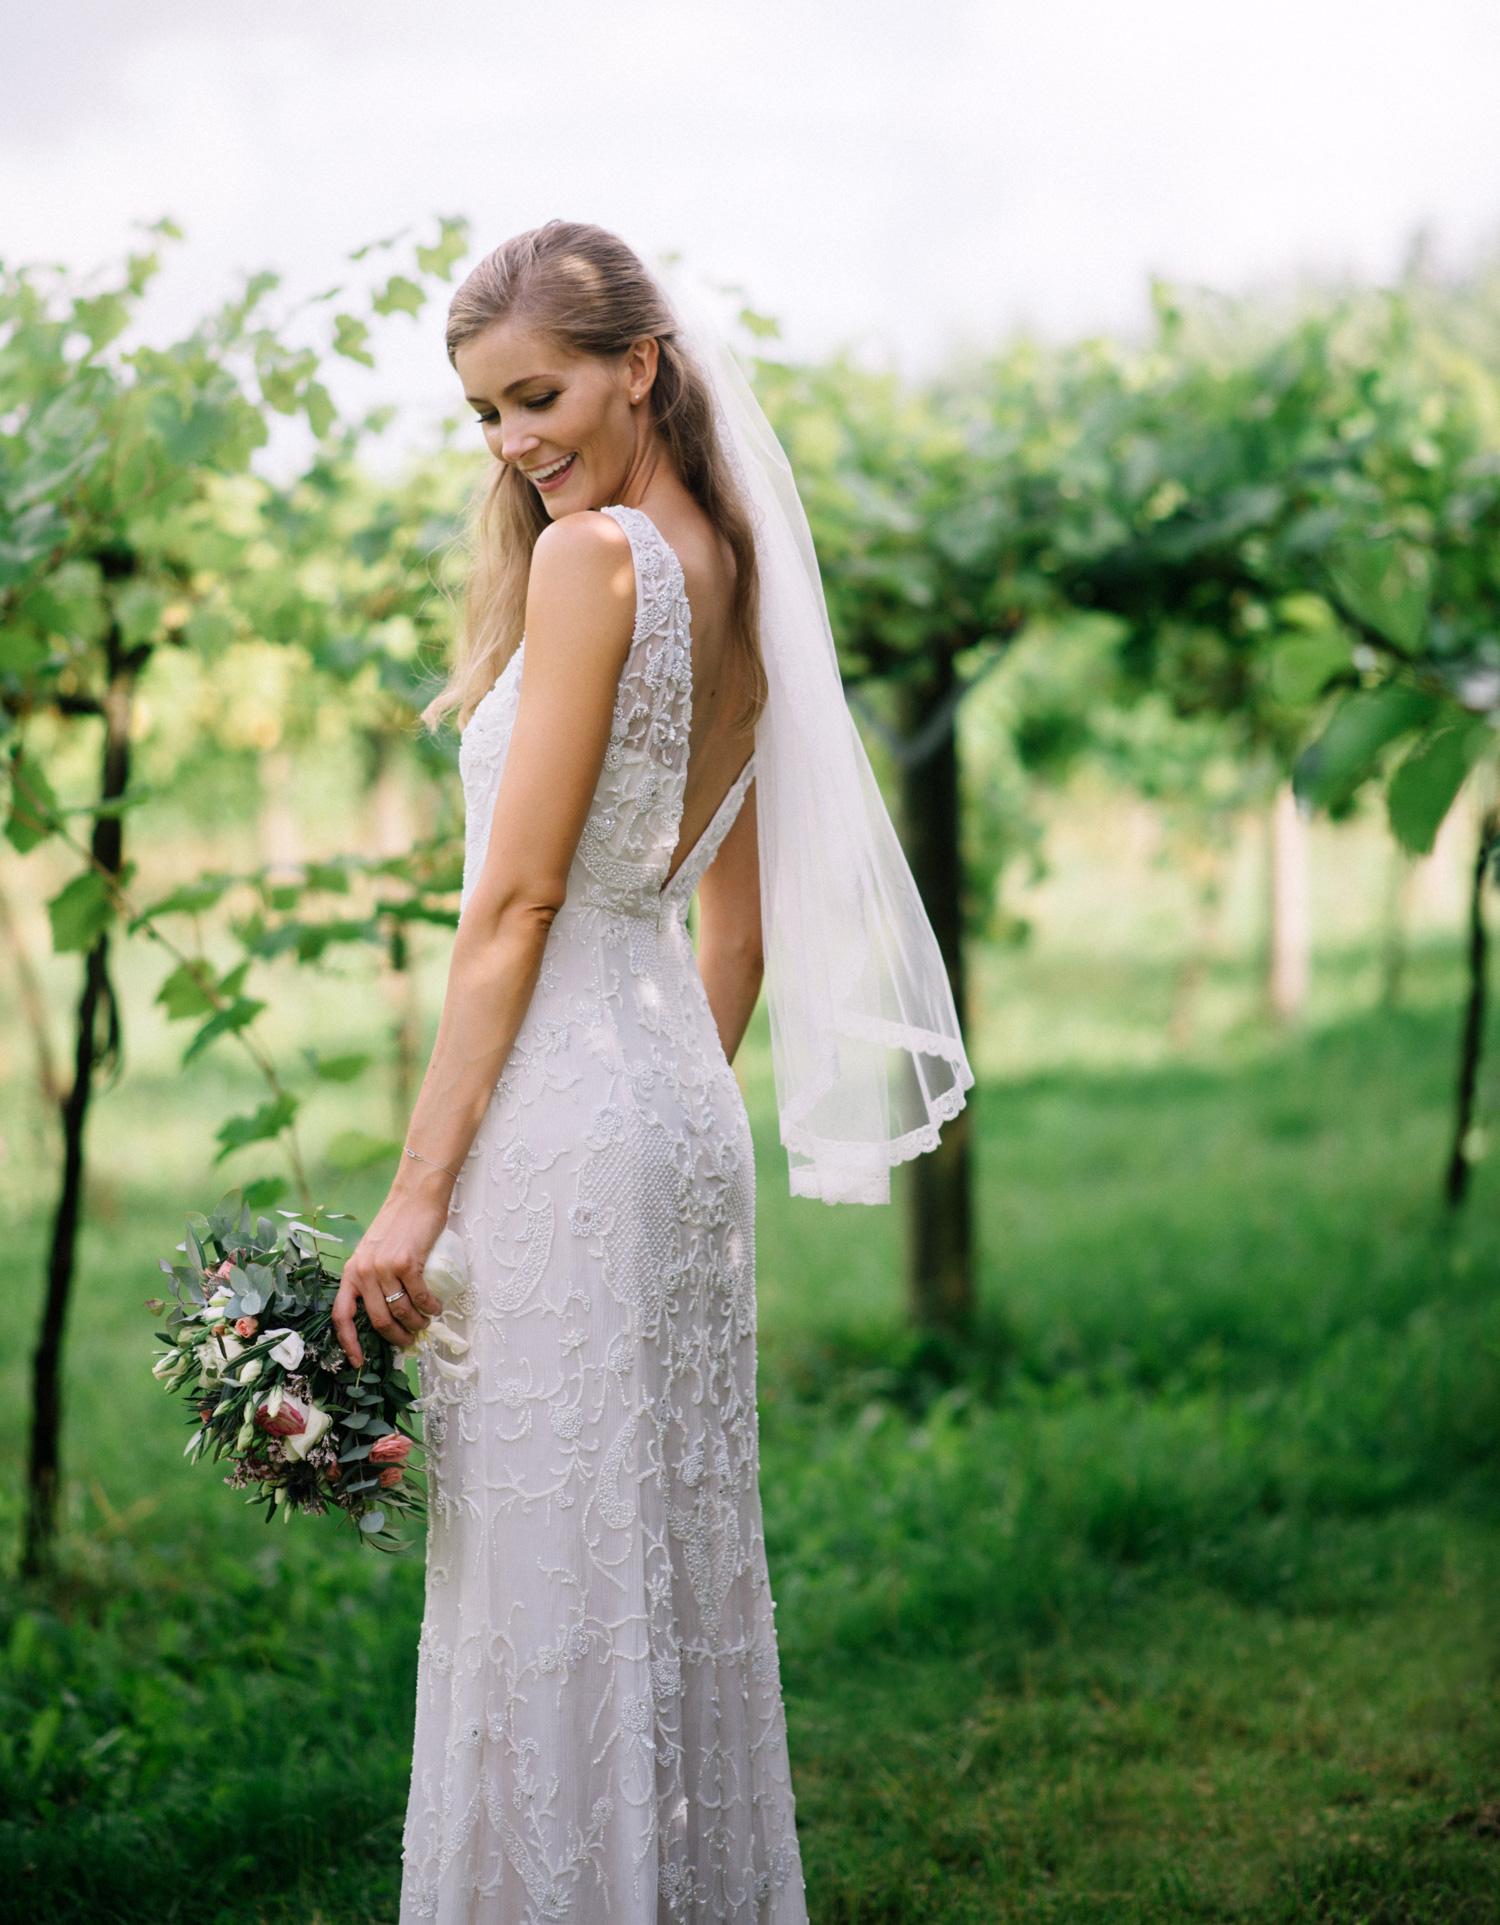 unik-brudekjole